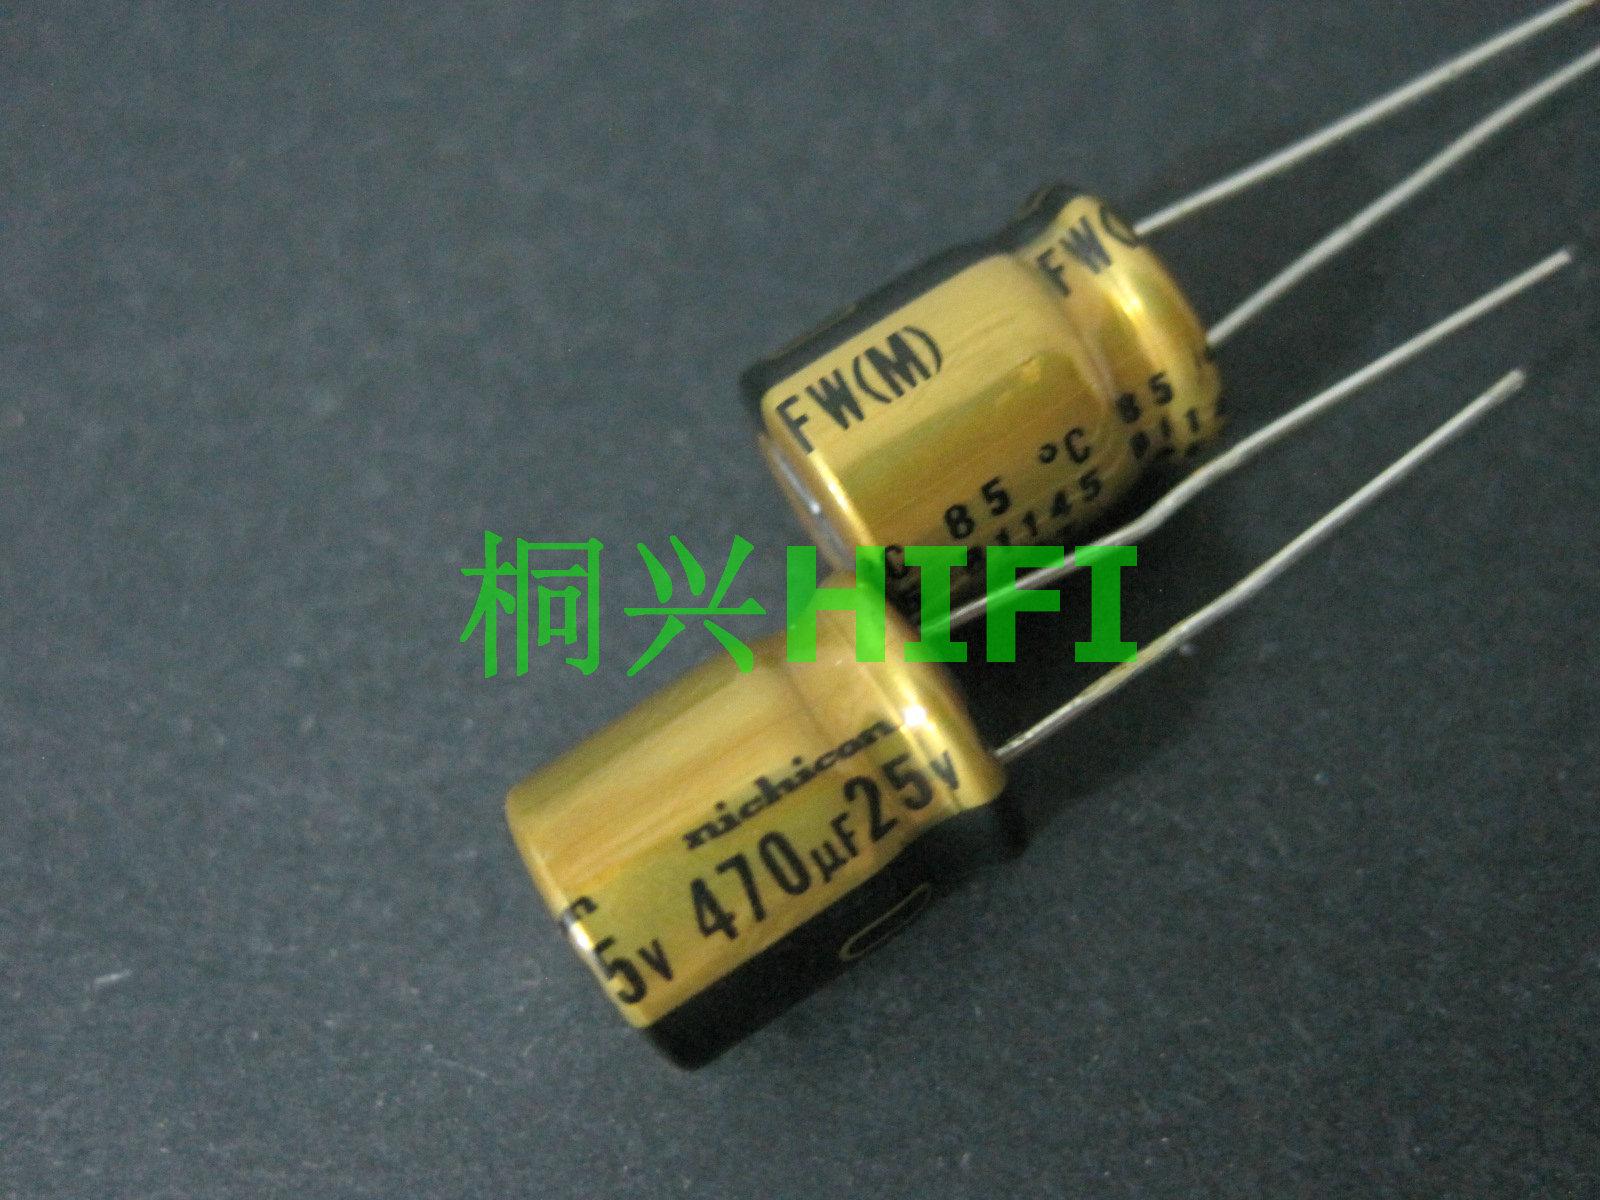 20pcs NEW NICHICON FW 470UF 25V 10X12.5MM Audio 470uf/25v Electrolytic Capacitor 25V470uF Filter Amplifier 25v 470uf